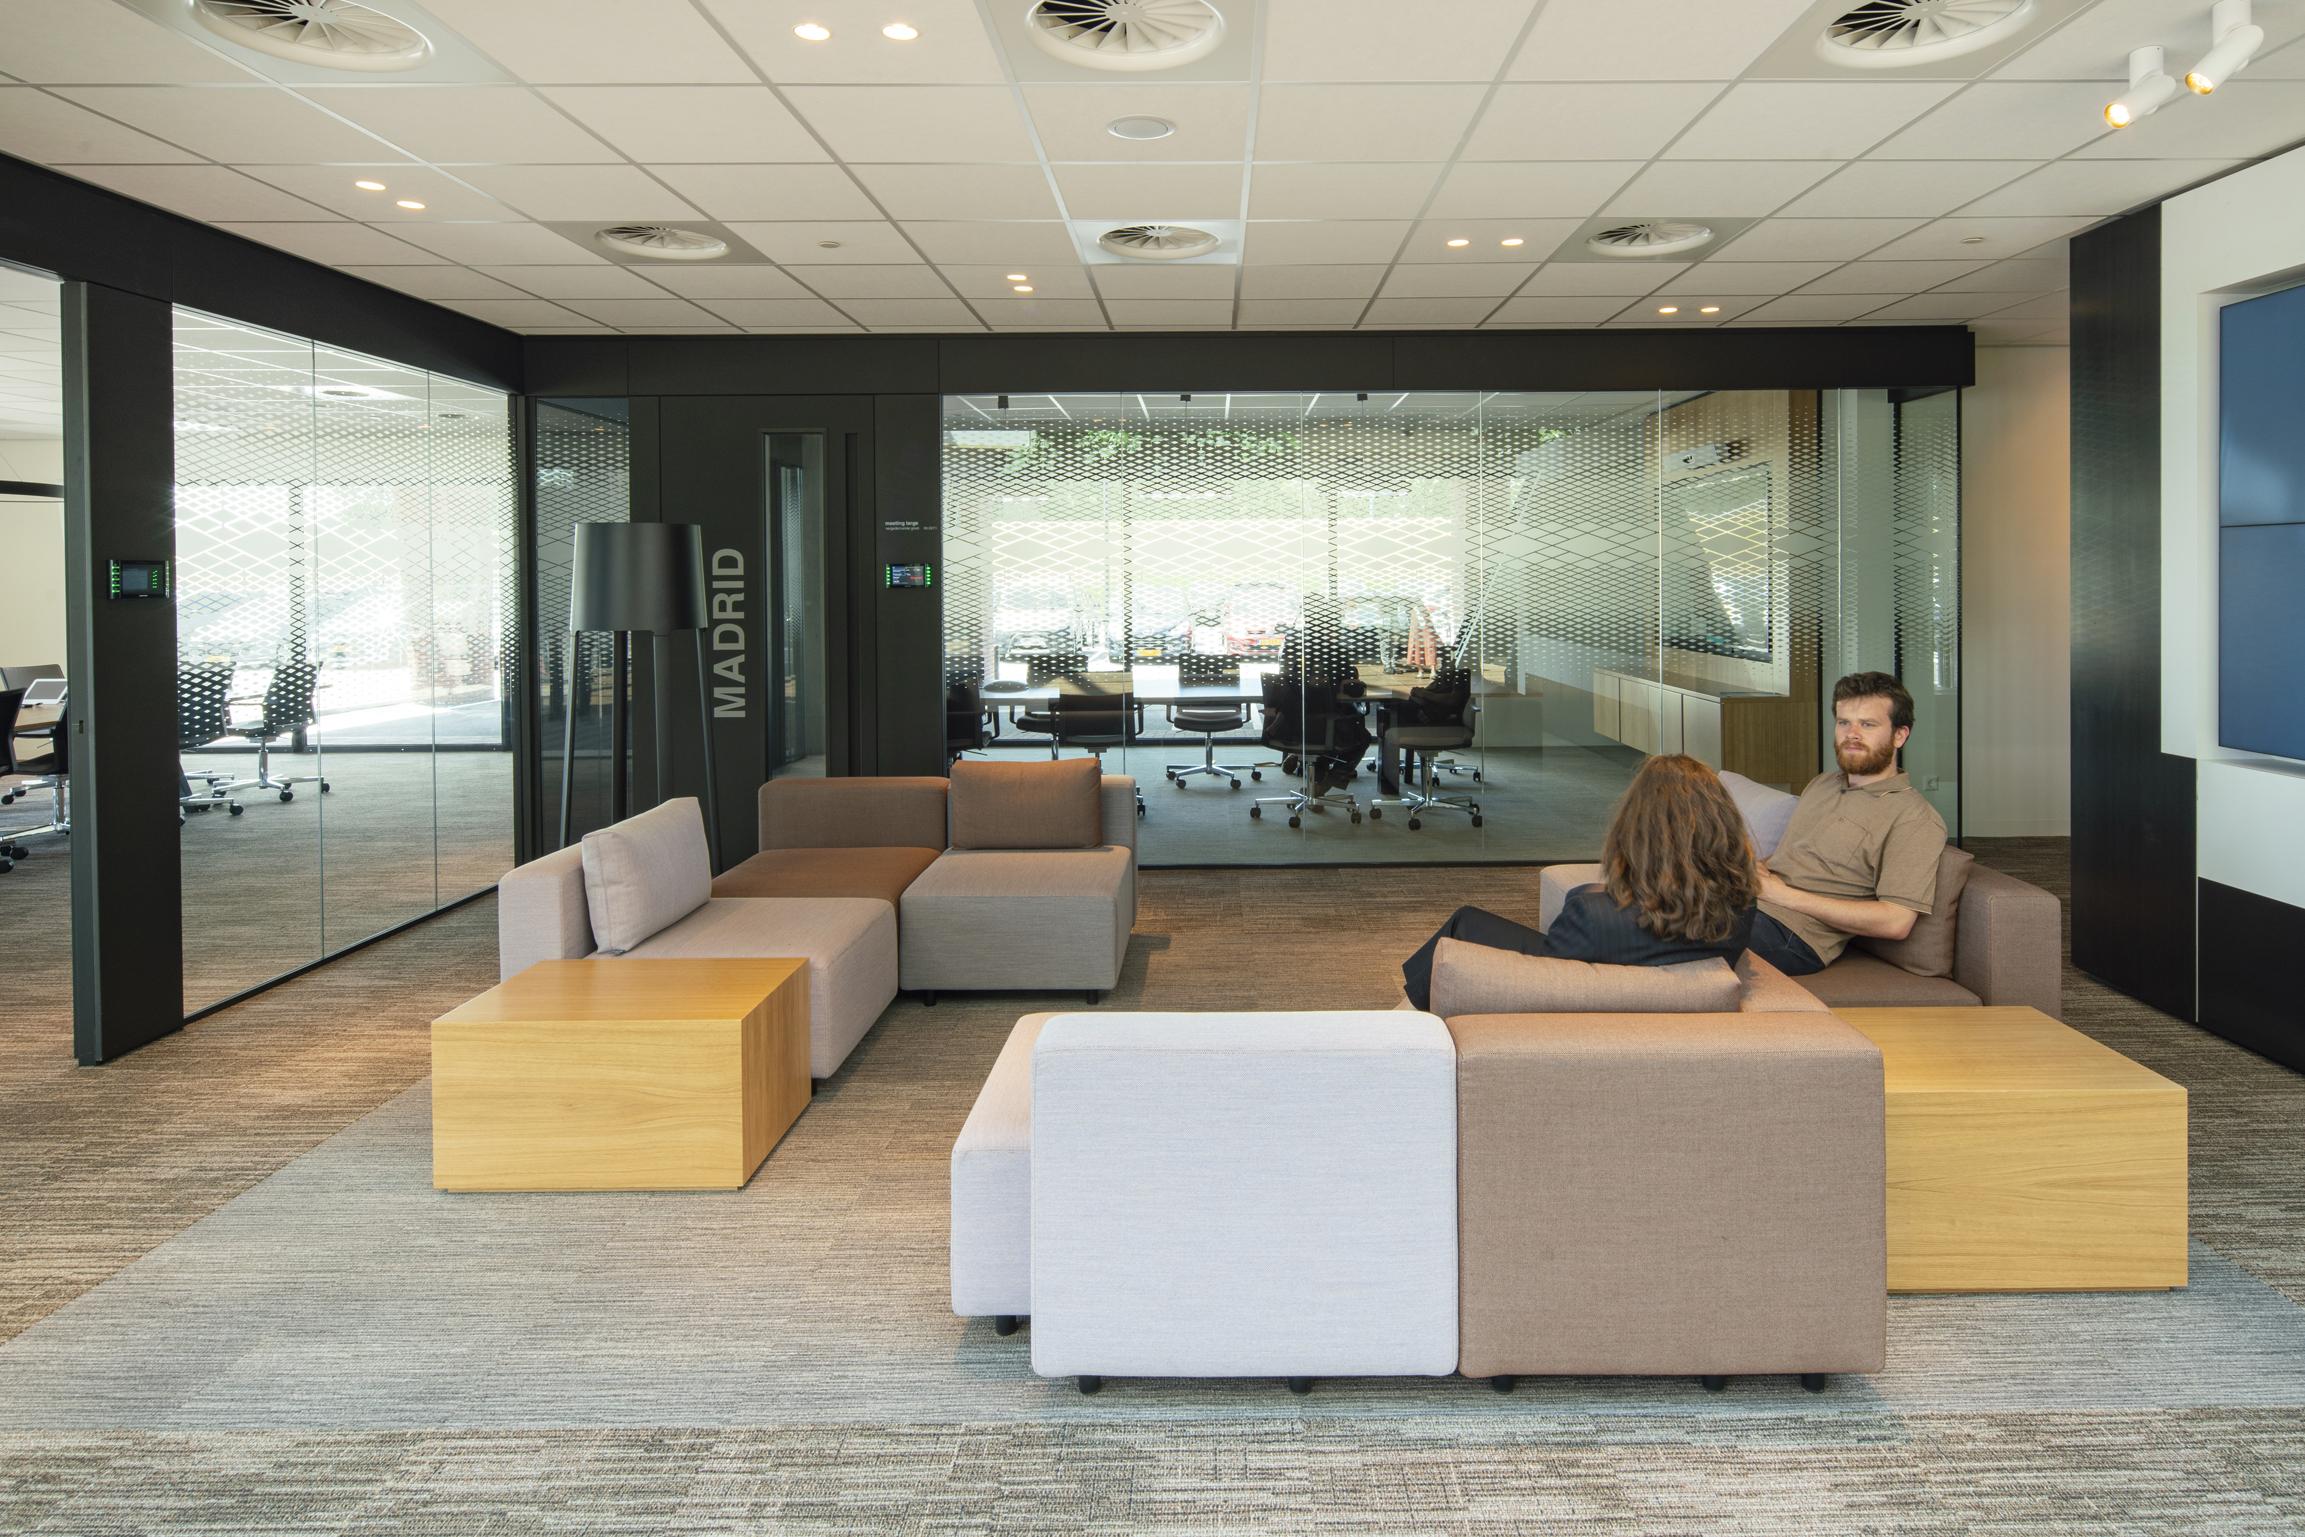 <p>8.Transparante ontmoetingsruimtes, vanuit het hele gebouw zichtbaar, dragen bij aan een open werksfeer &#8211; foto Frank Hanswijk</p>